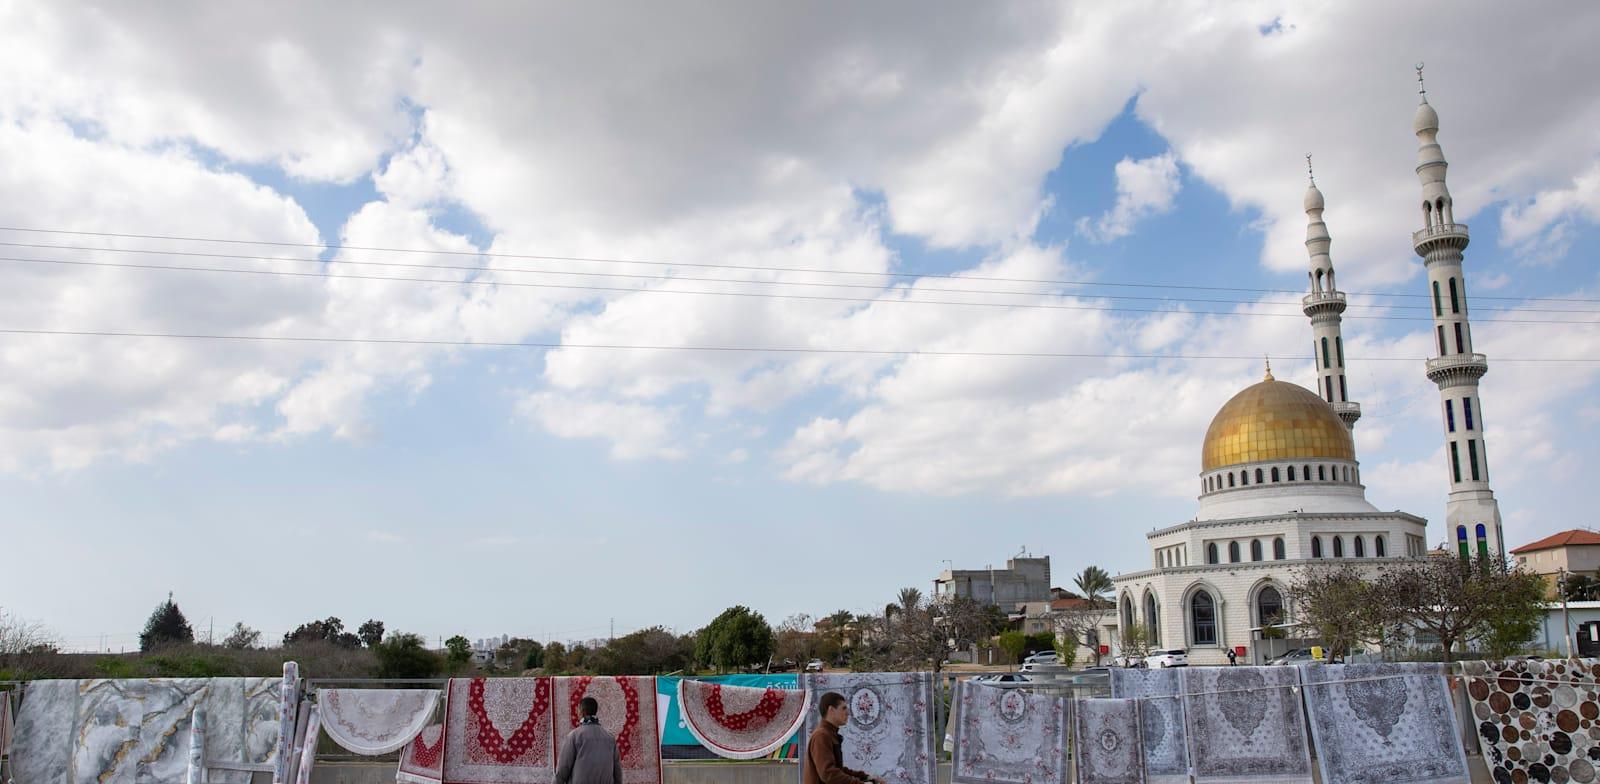 ג'לג'וליה. יש פתרון לחוסר המעש של צעירים בחברה הערבית / צילום: Associated Press, Oded Balilty